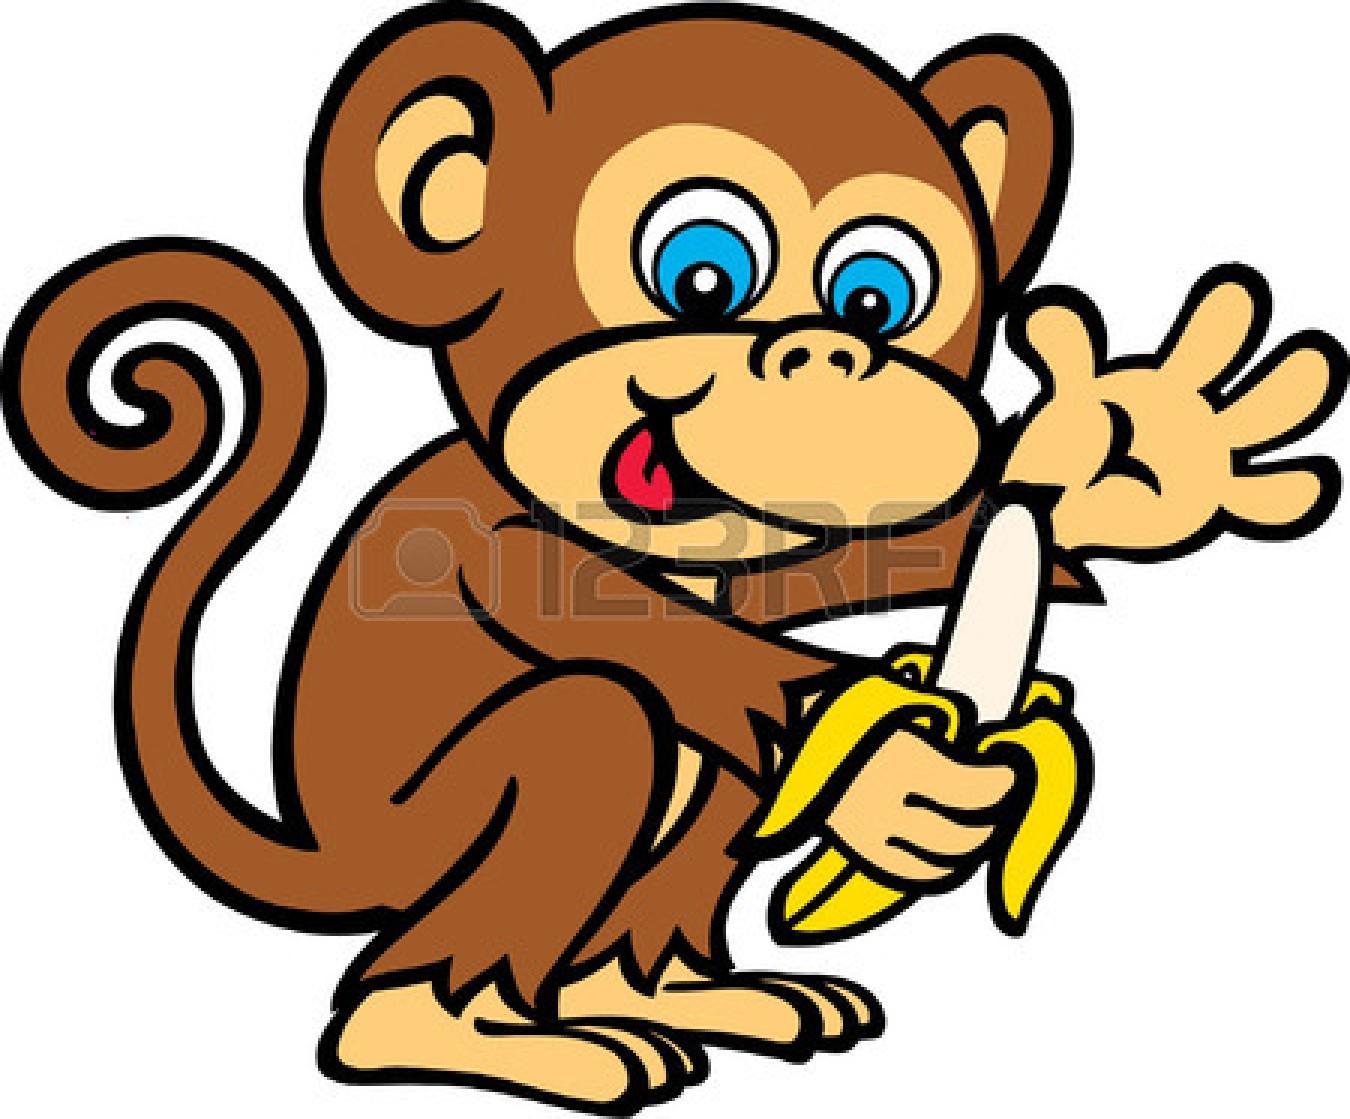 1350x1119 Monkey Banana Cartoon Clipart